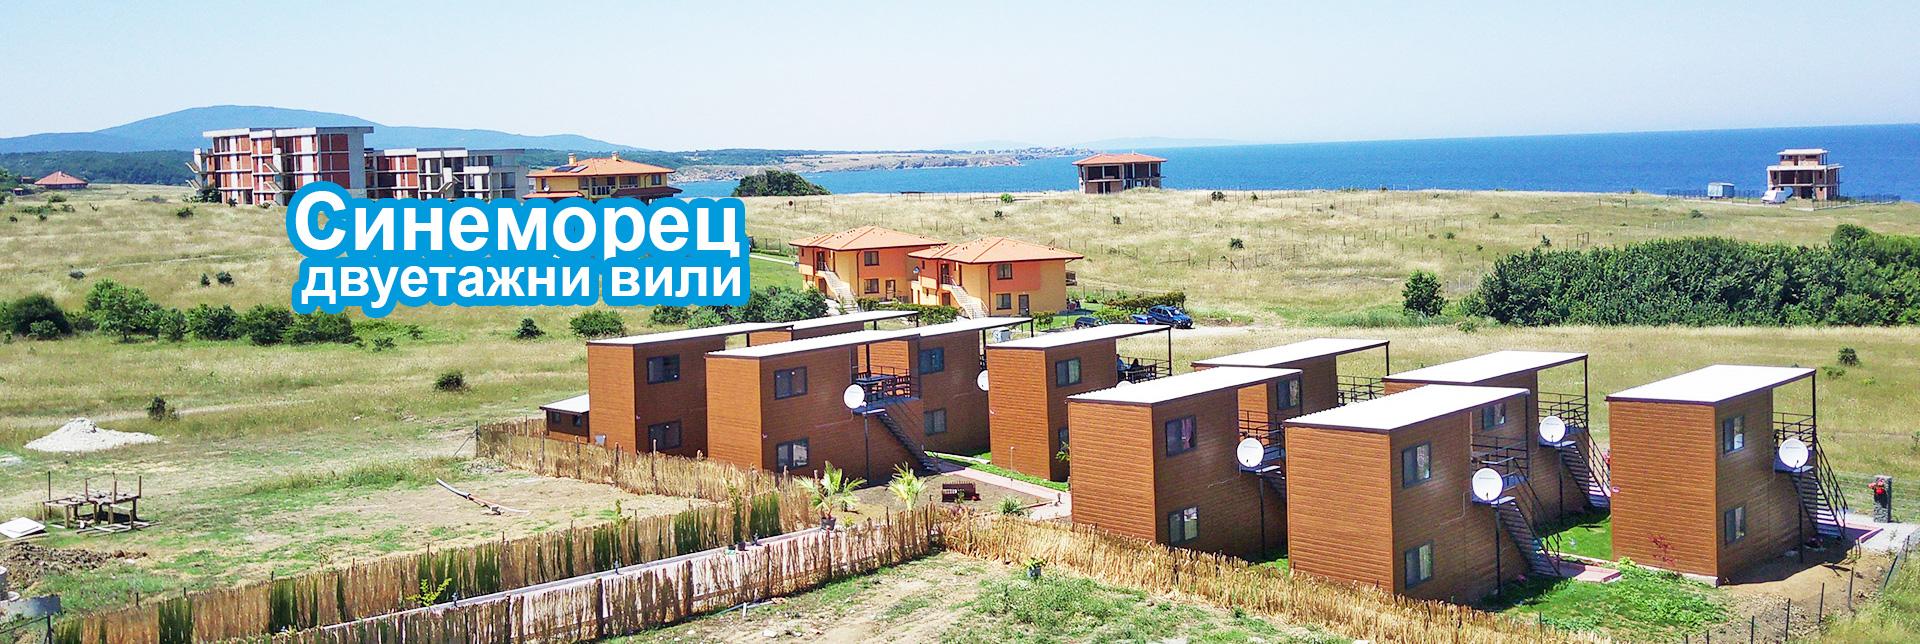 Синеморец - мобилни къщи поляните